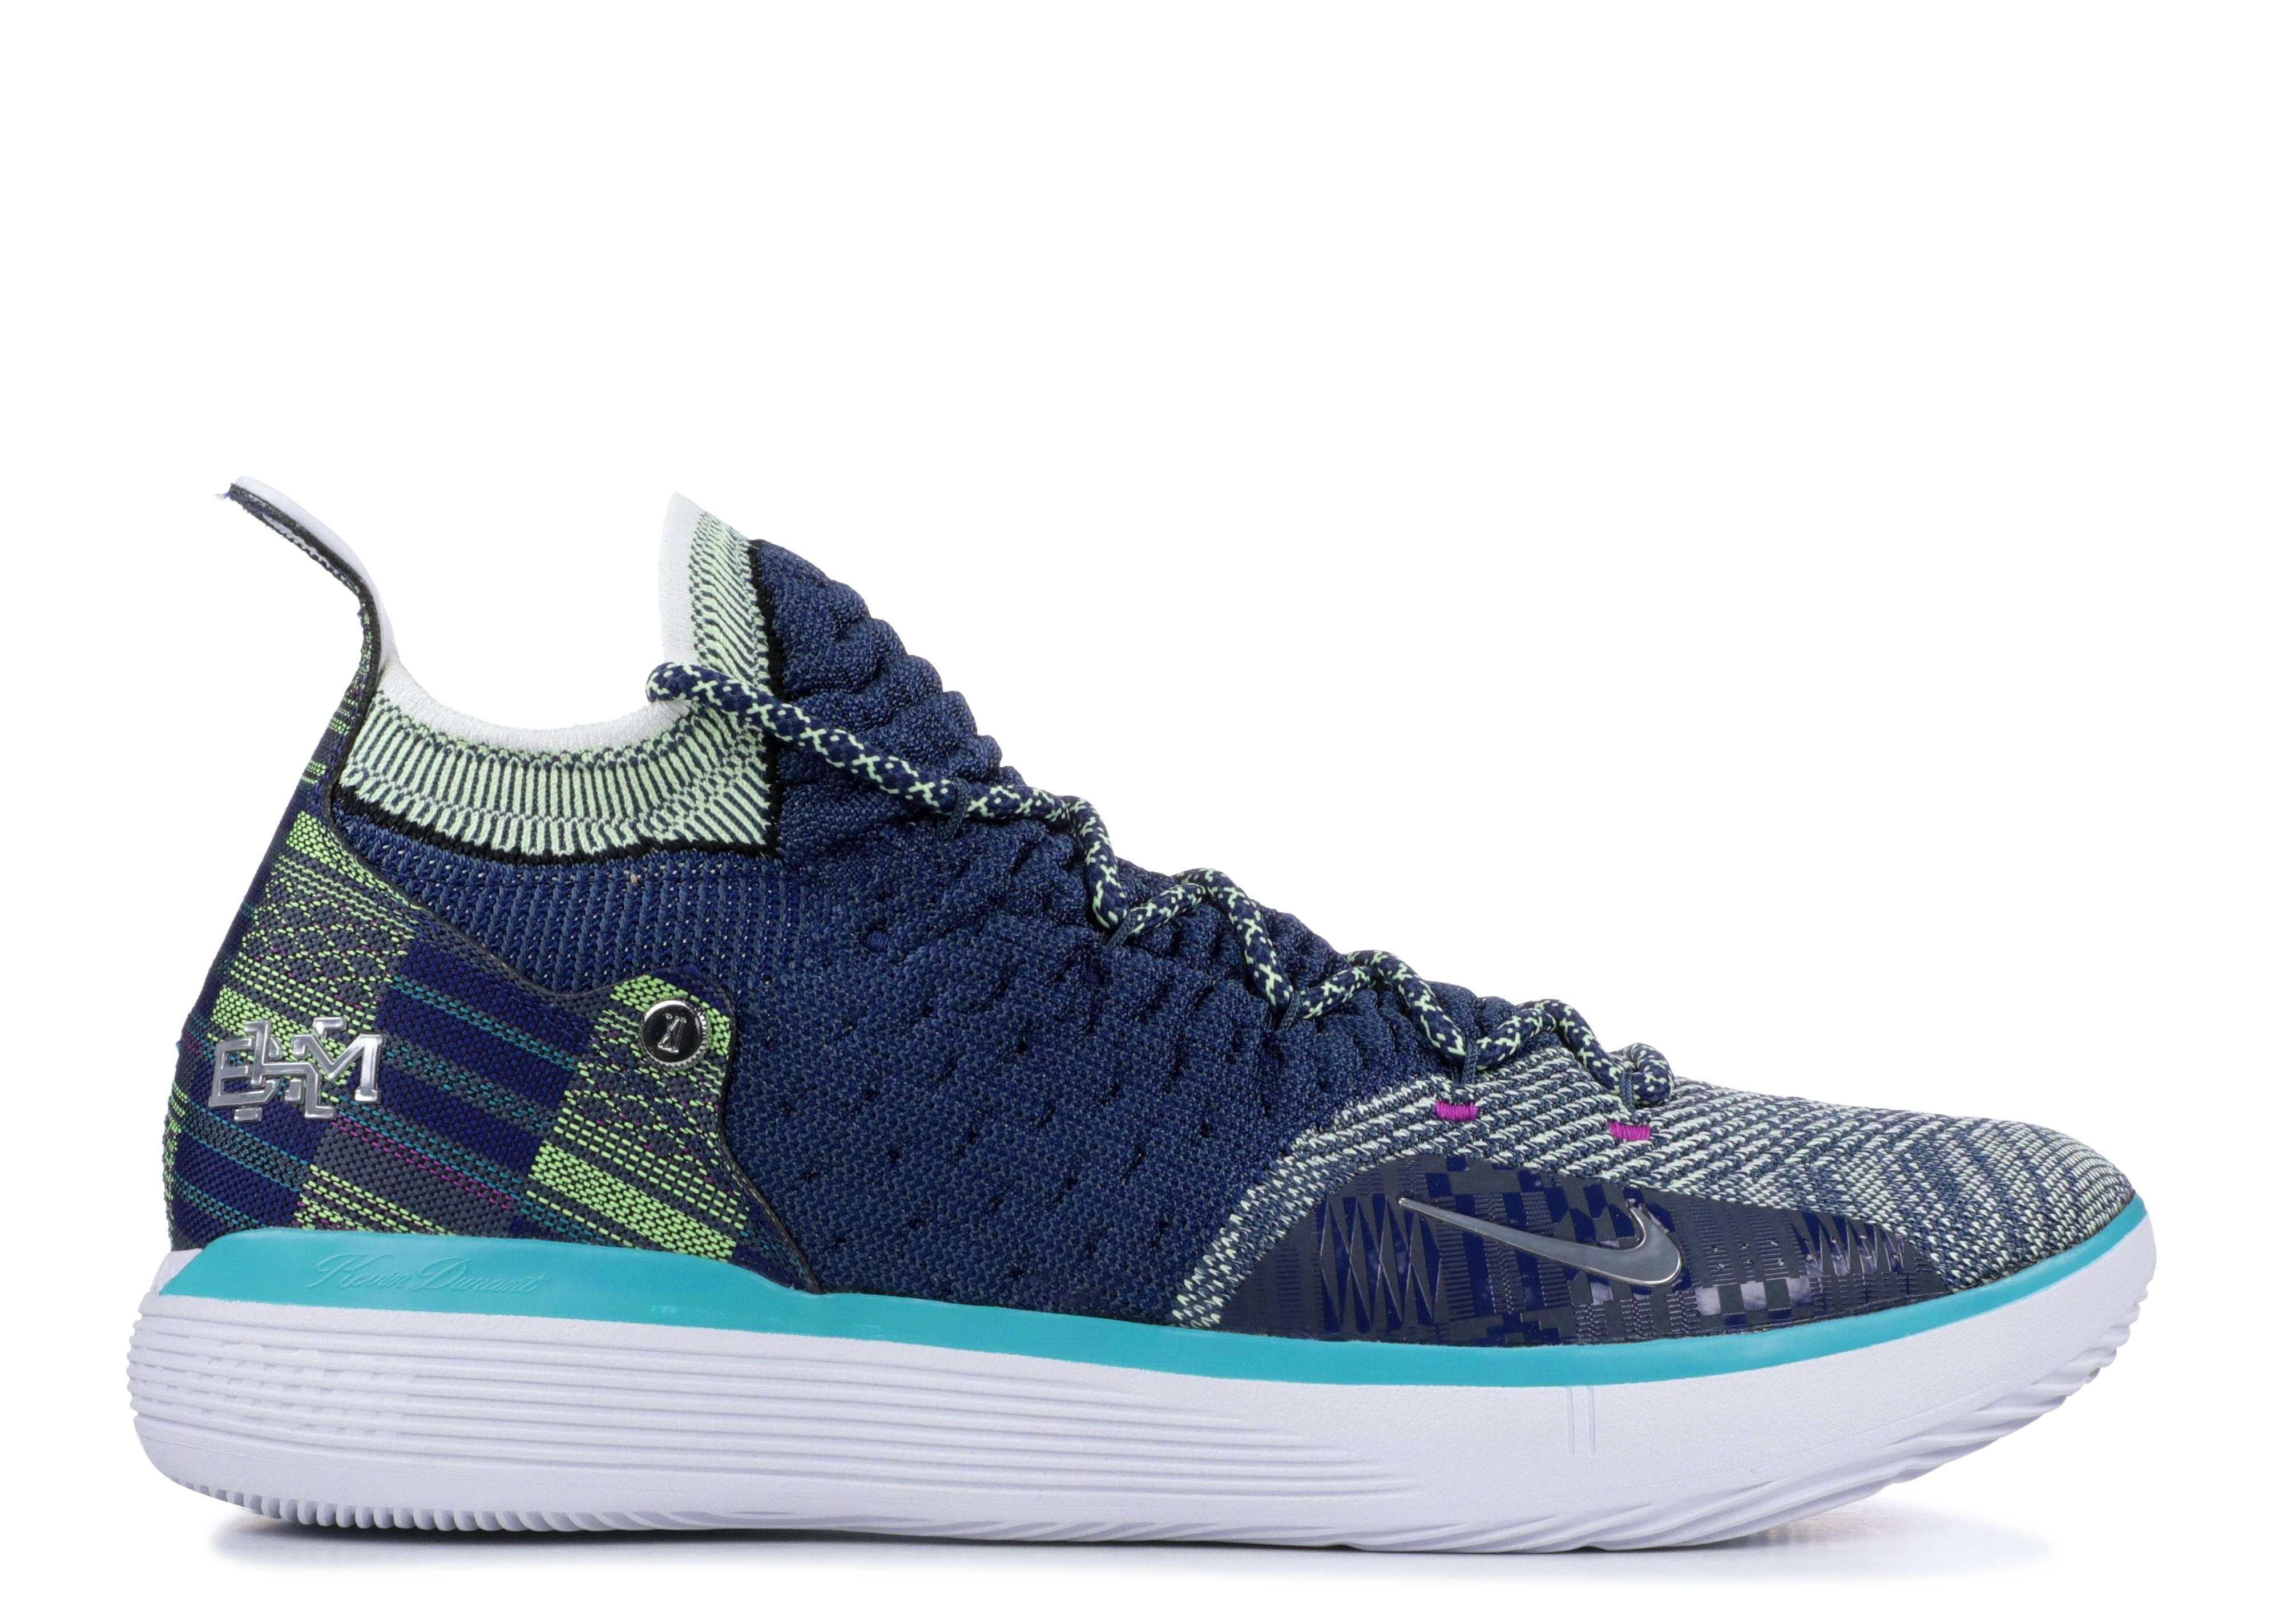 6ccd0b824bb2 Nike Zoom Kd11 Bhm